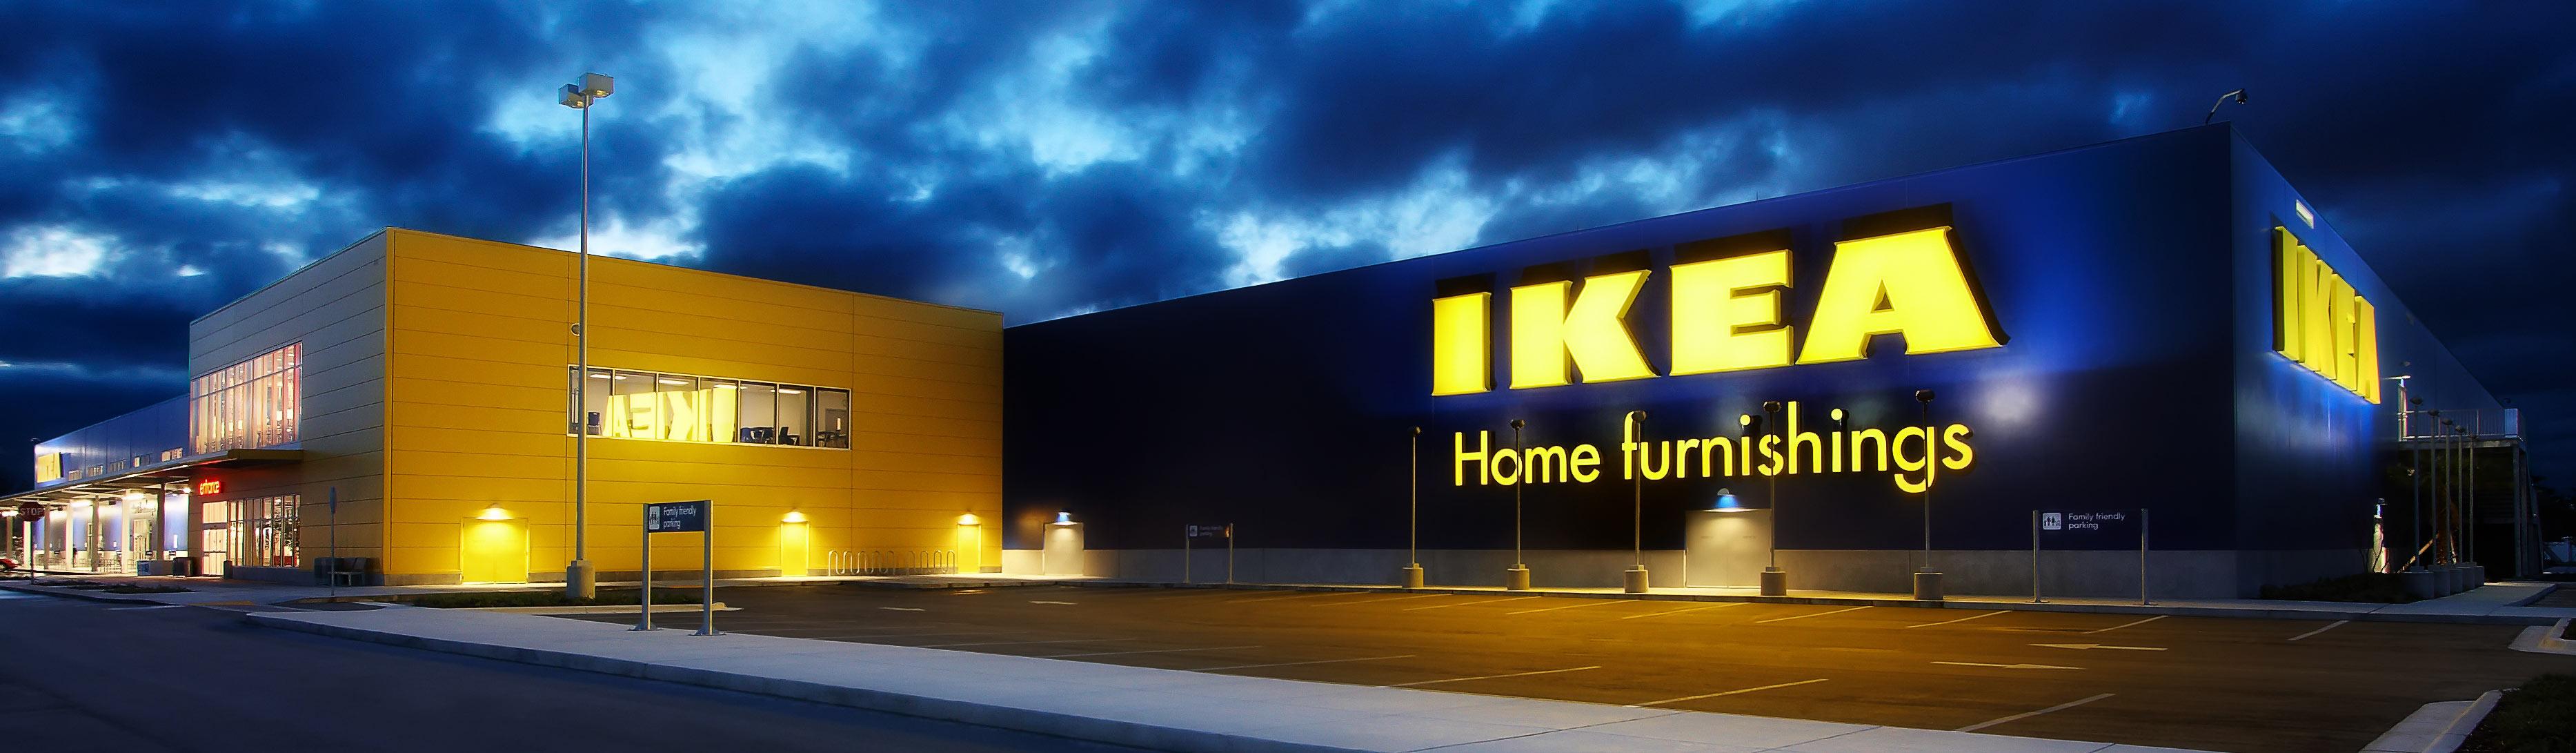 ikea-ανοιχτα-κυριακη-14-ιανουαριου-2018-μαγαζια-σουπερ-μαρκετ-καταστηματα-ανοιχτα-2018